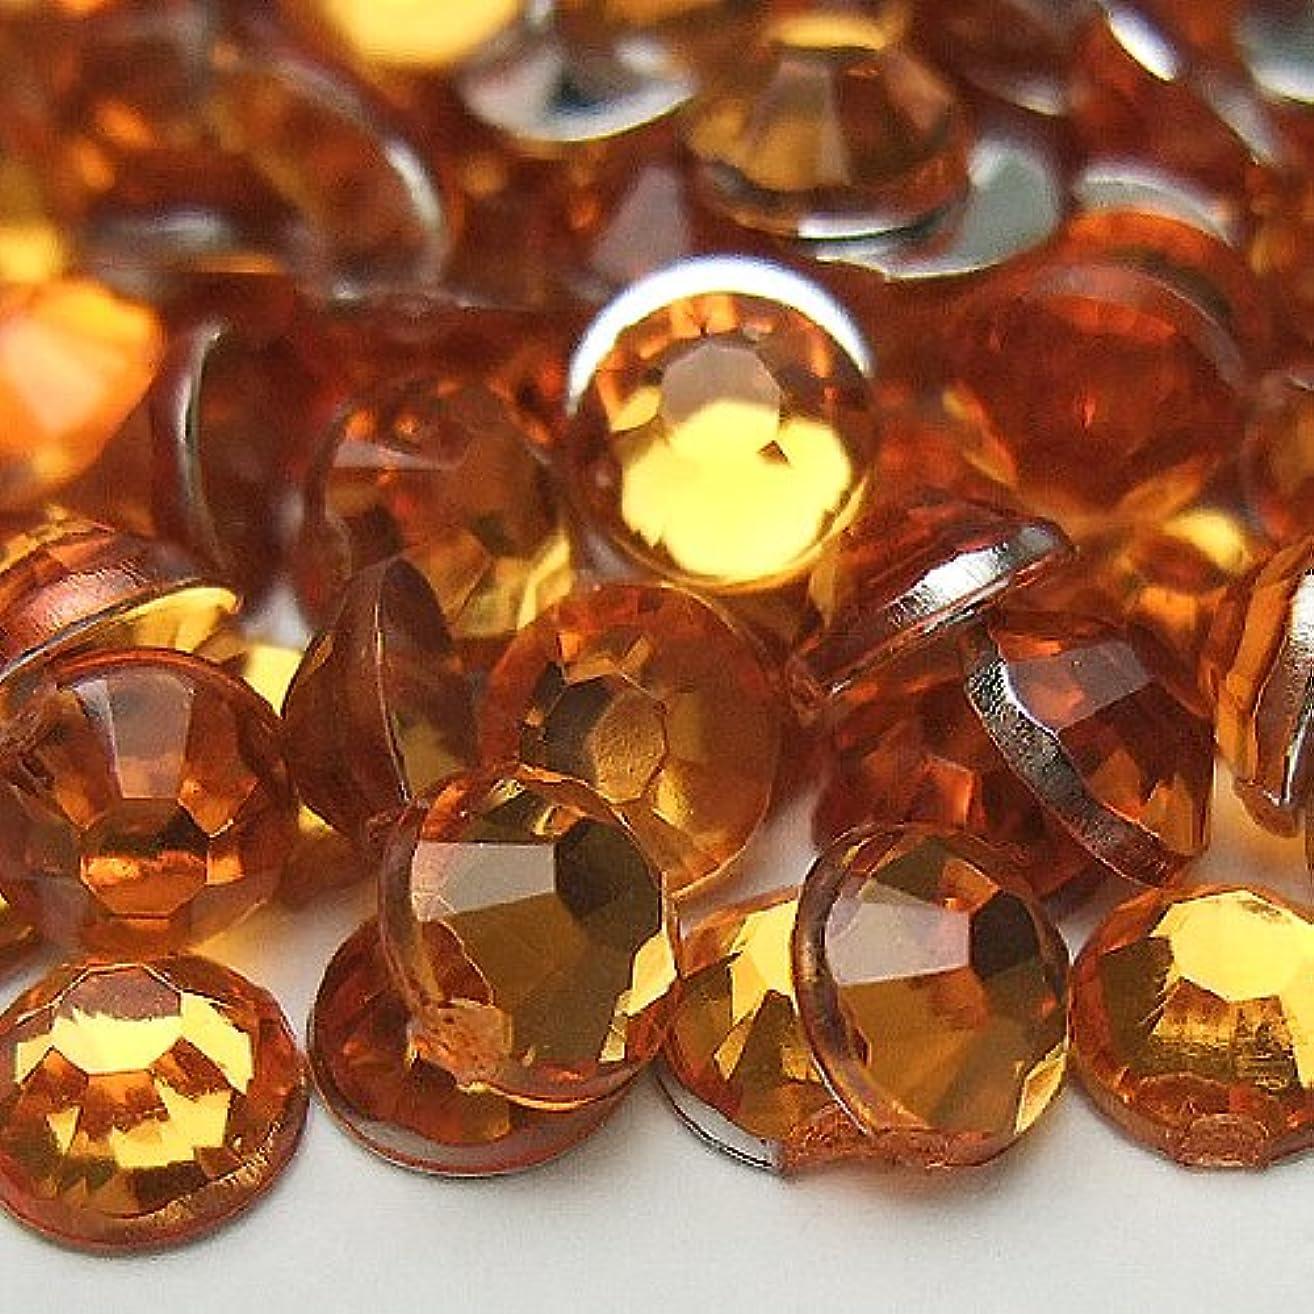 アウター自信がある塗抹高品質アクリルストーン ラインストーン 【4サイズセット】 合計約1500粒入り オレンジ